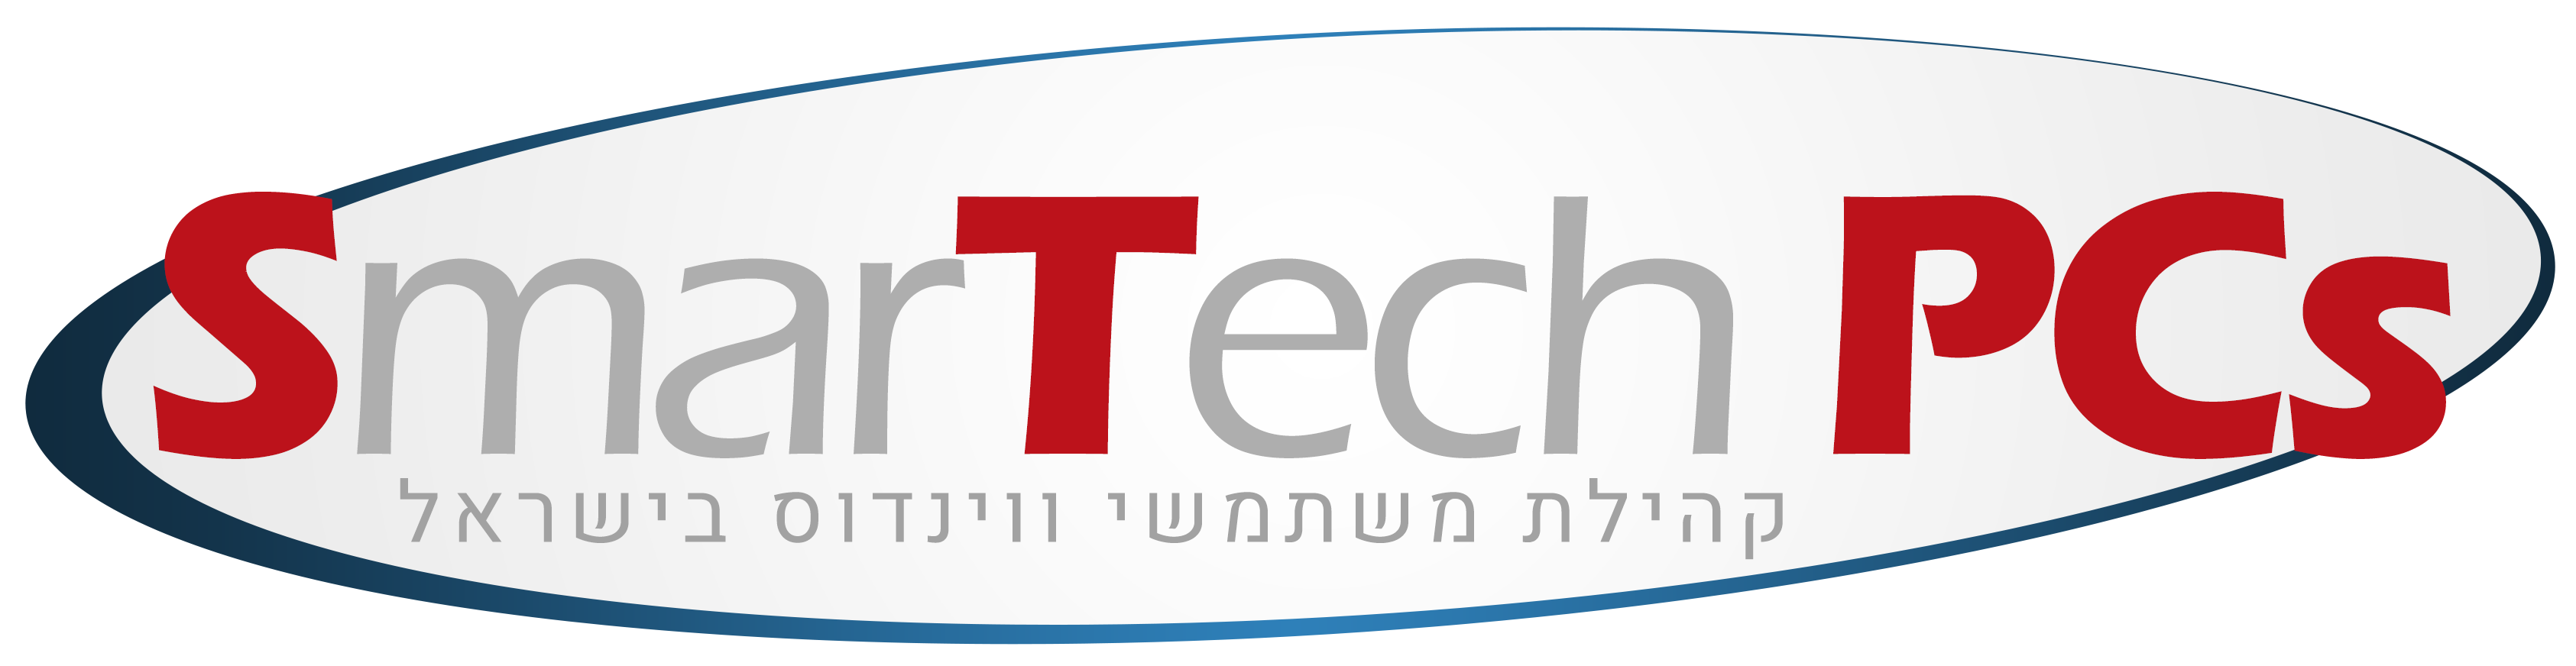 SmarTech PCs